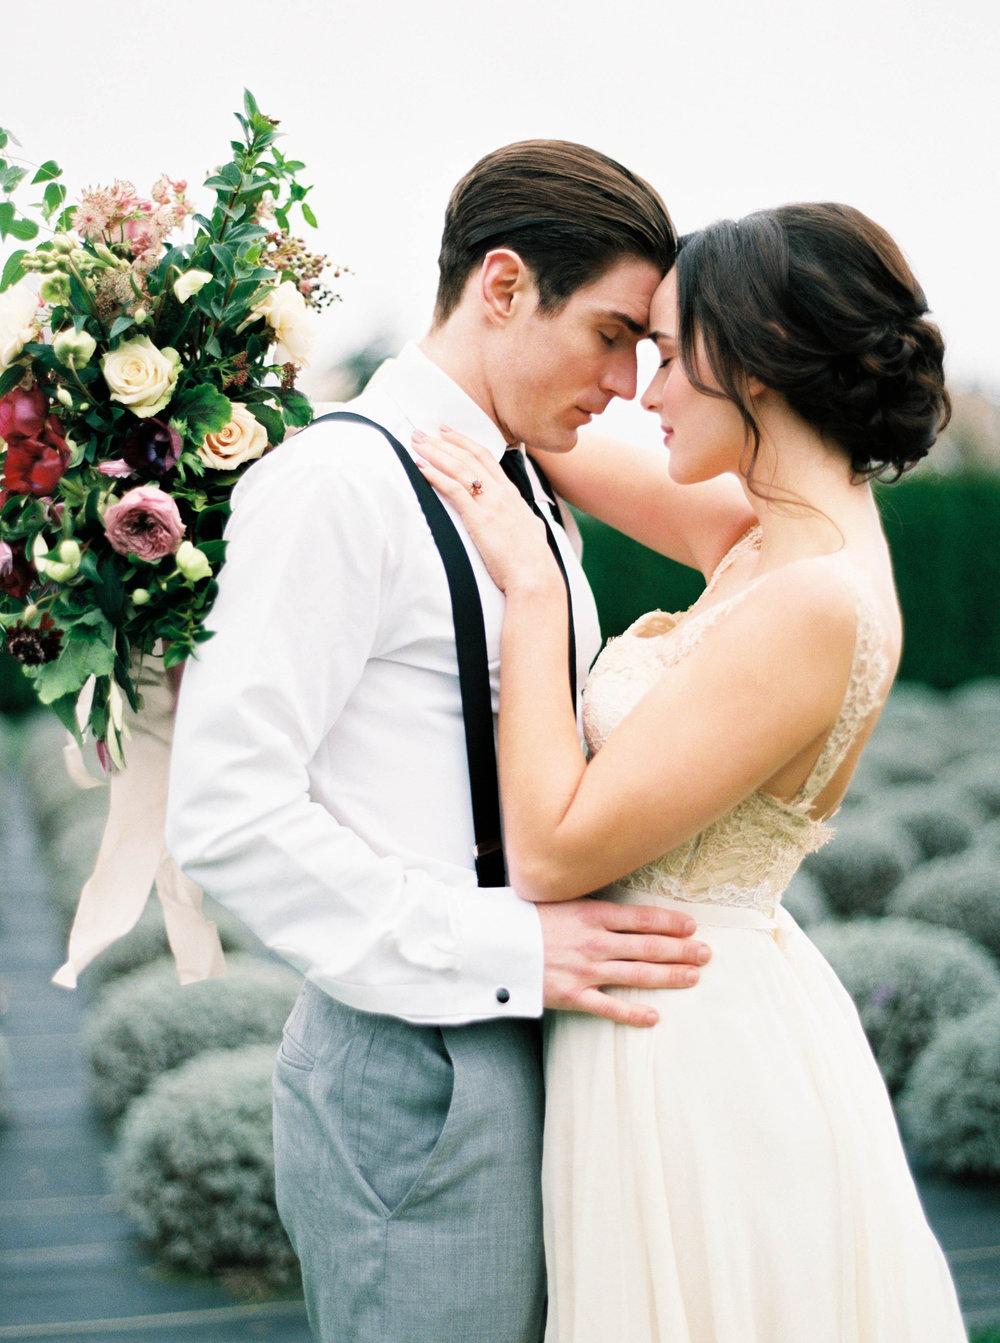 bride and groom portrait in seattle wedding.JPG